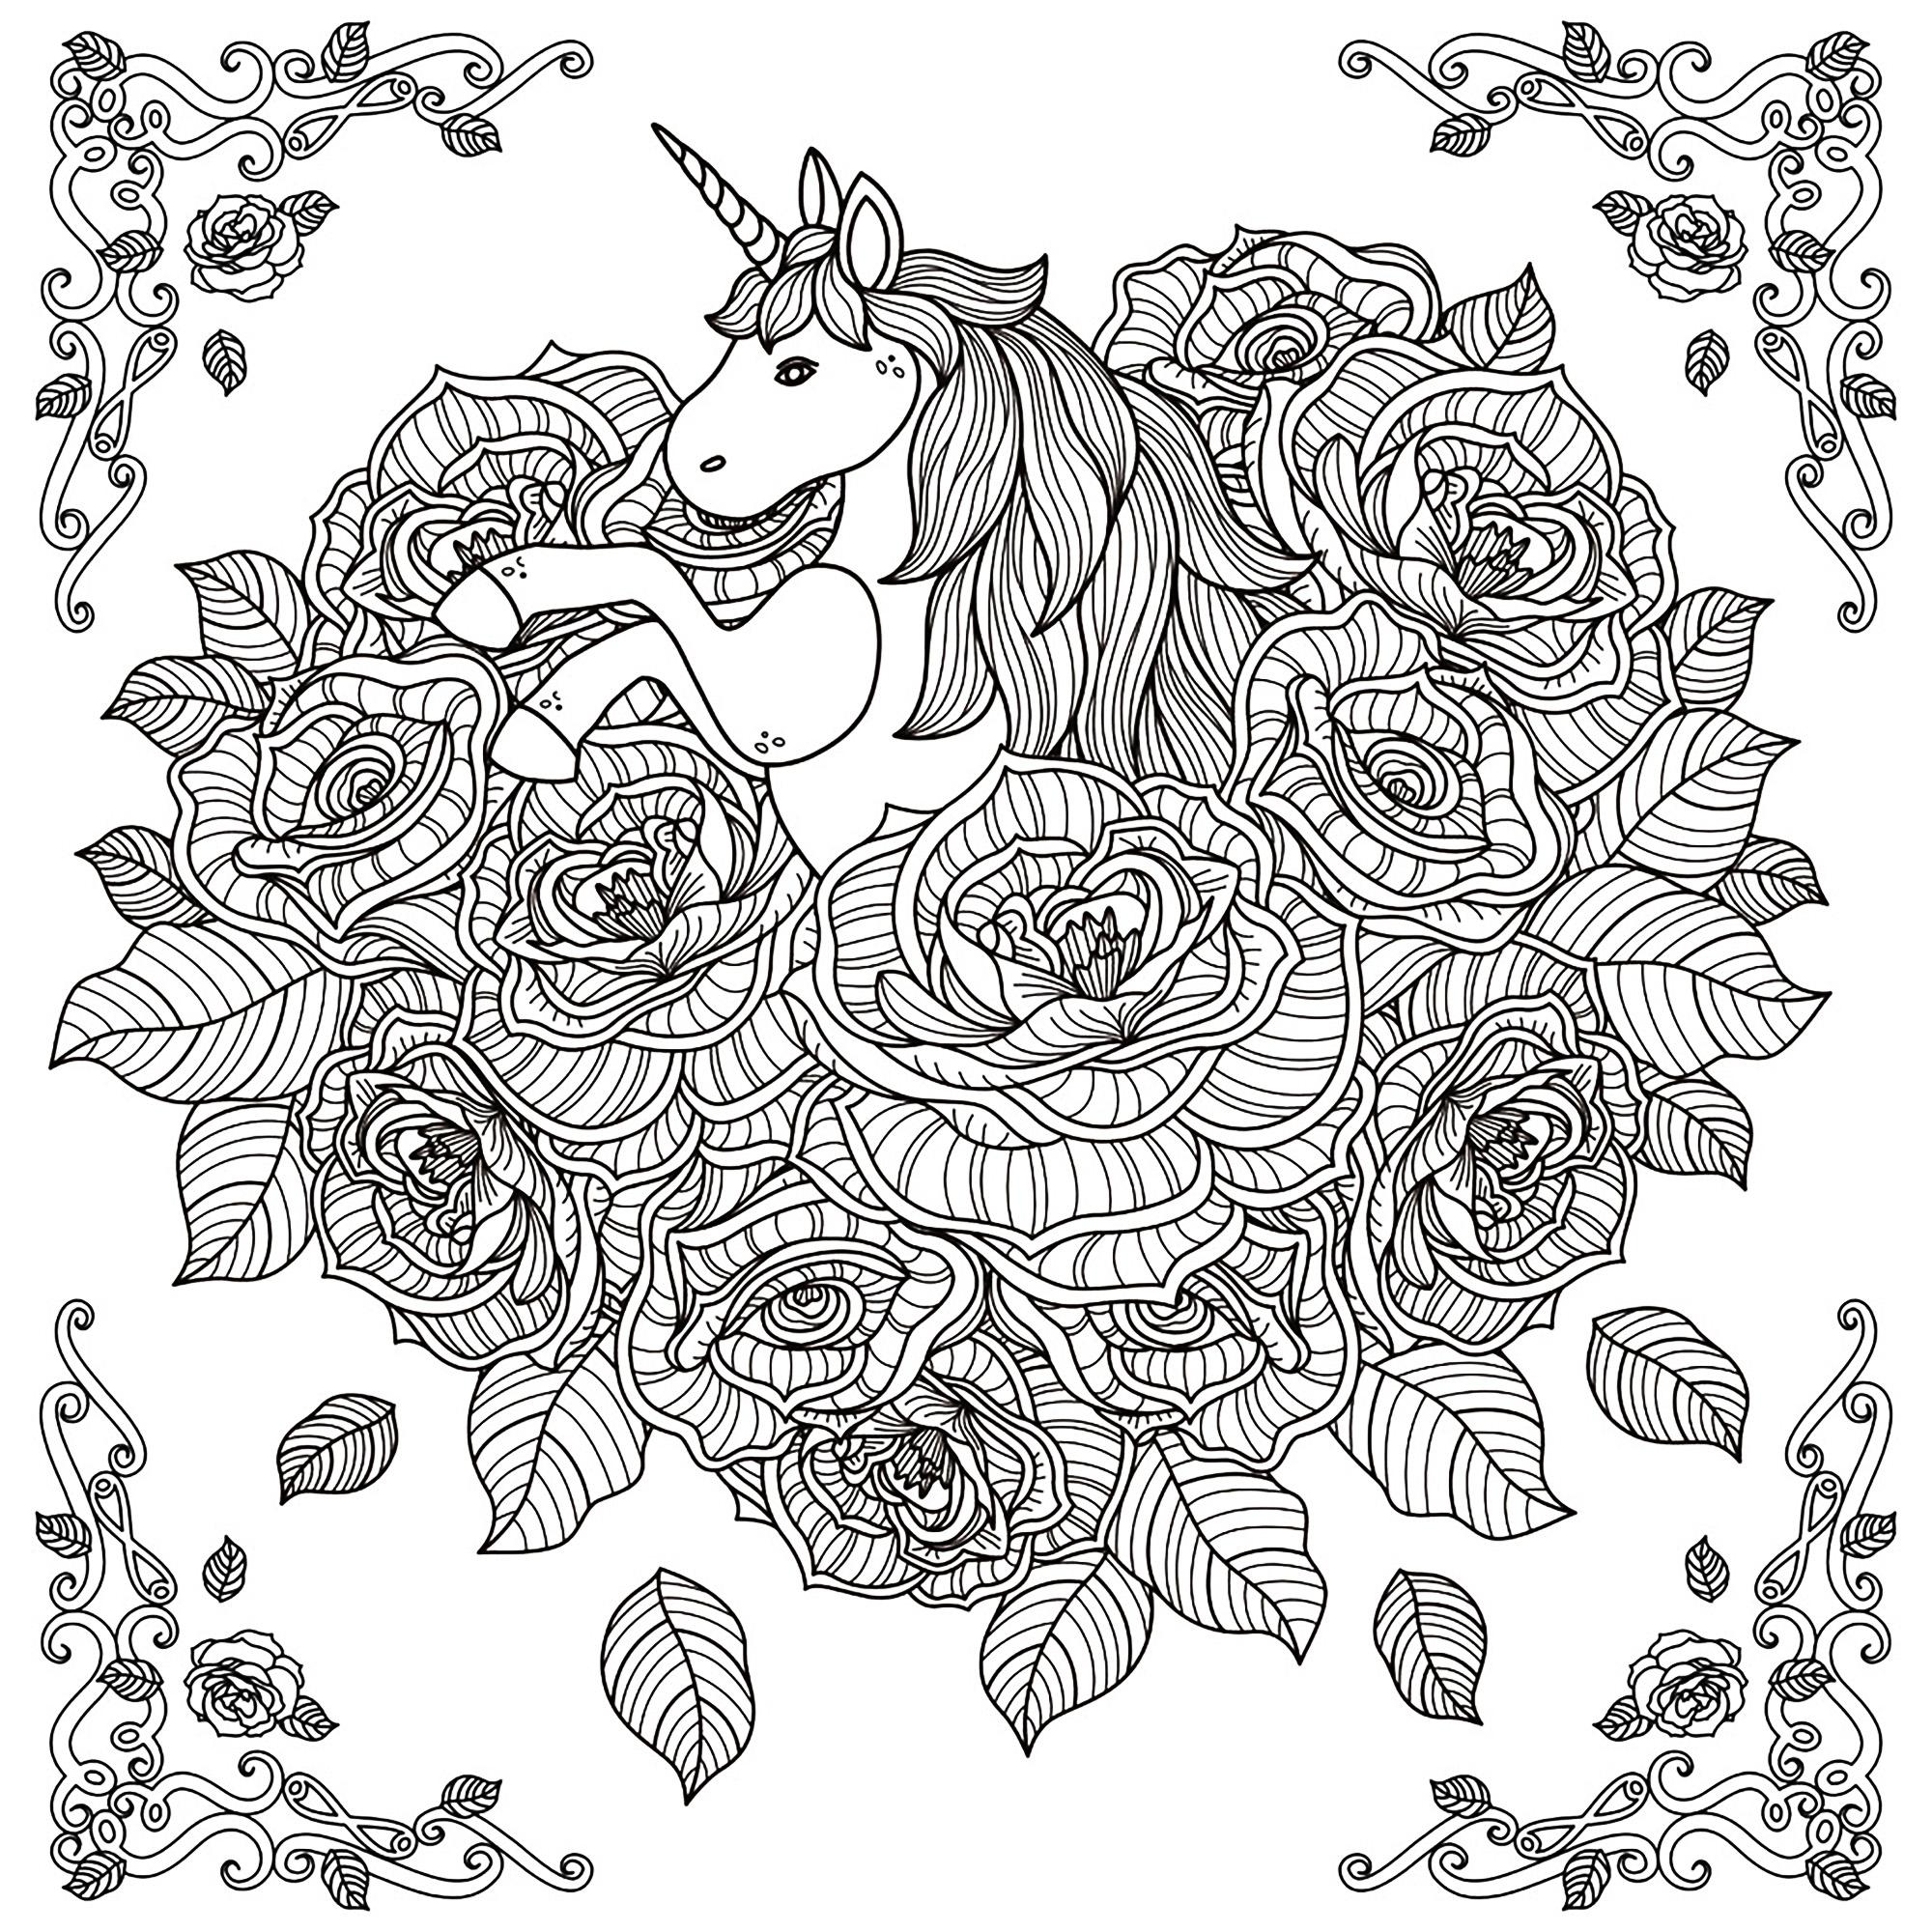 Unicorni 39147 unicorni disegni da colorare per adulti - Arte celtica colorare le pagine da colorare ...